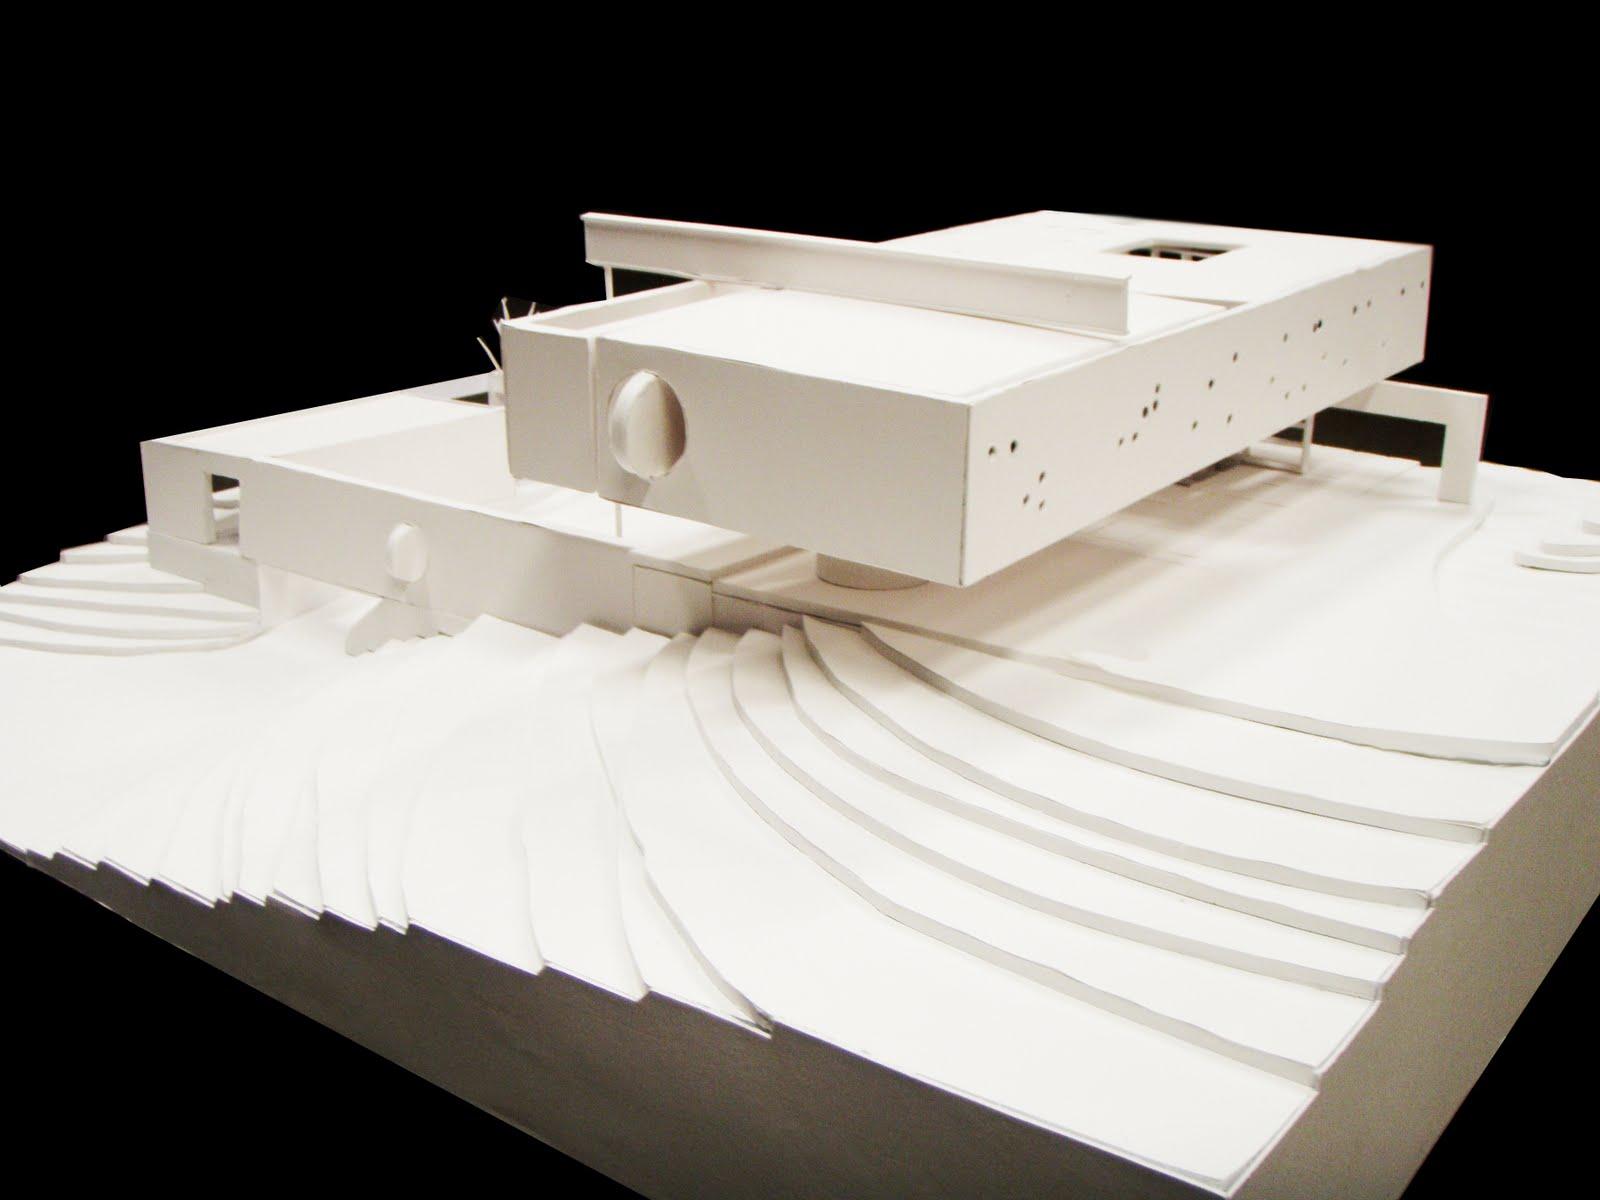 Wun shin liew maison a bordeaux final model - Maison de l architecture bordeaux ...